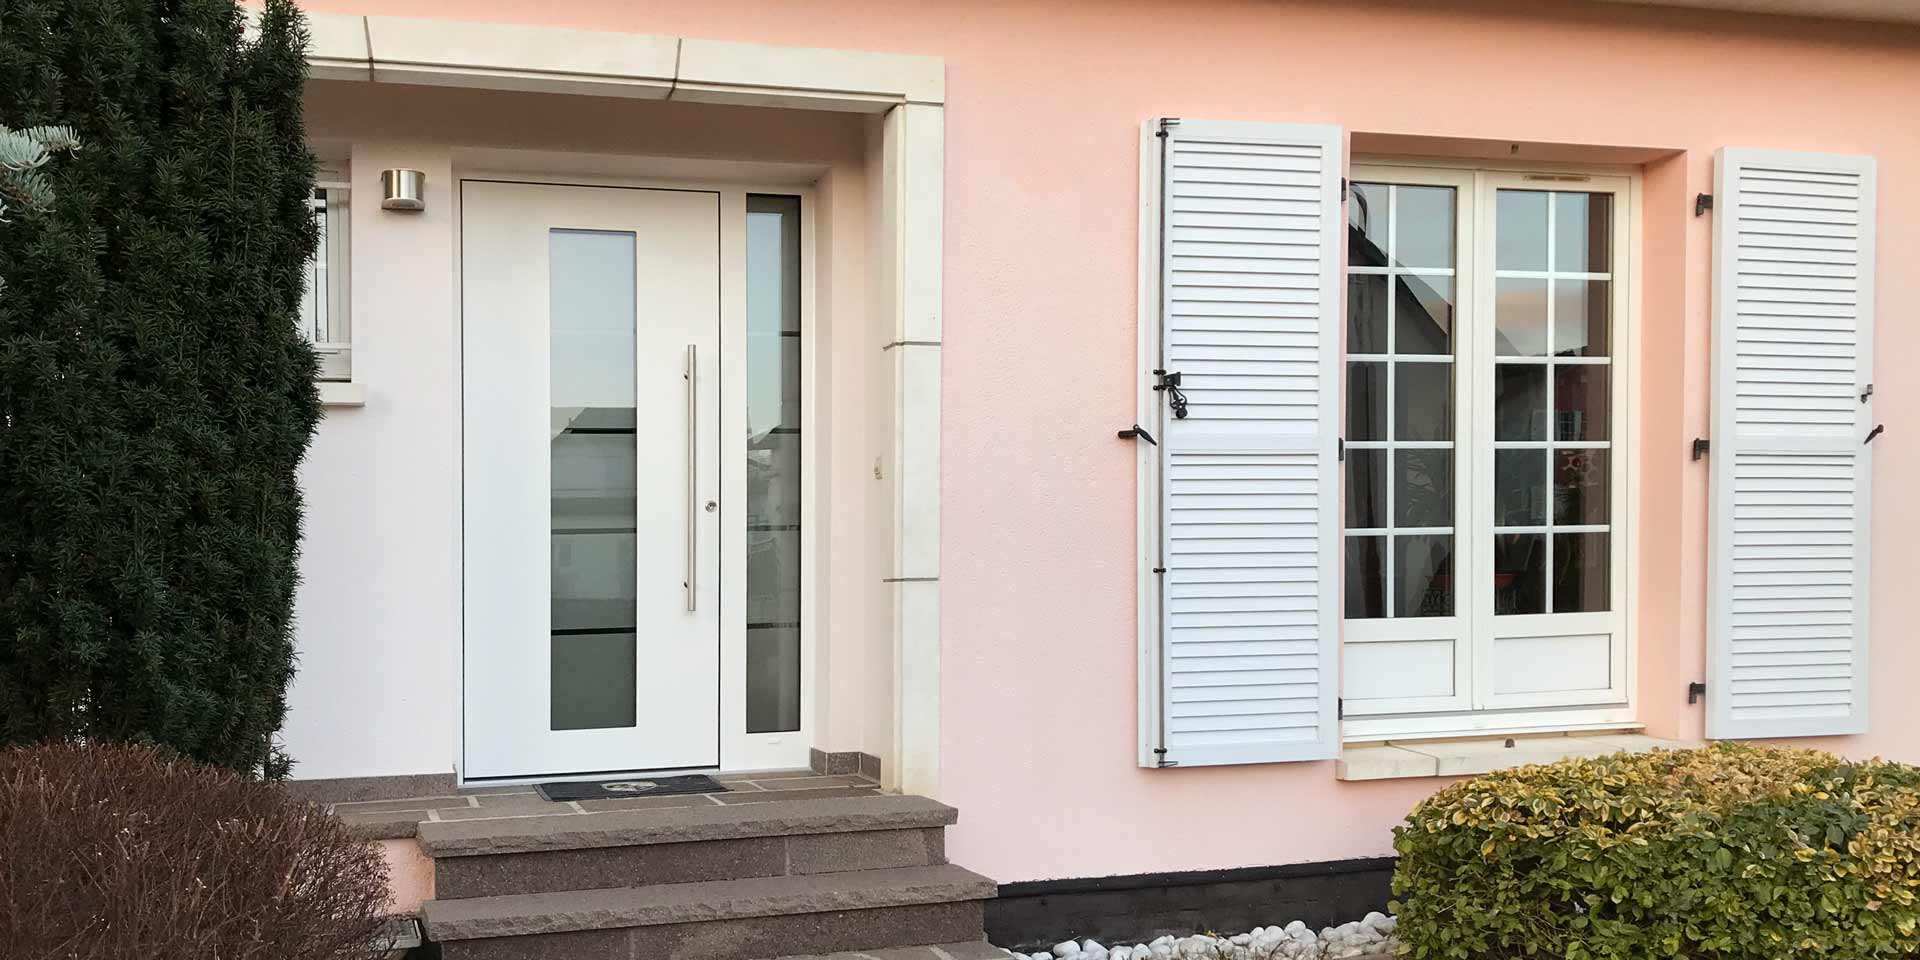 Nahaufnahme vom Eingang des Hauses mit links der neuen weißen Coplaning Haustür aus Keramik und rechts ein weißes Coplaning Holzfenster.